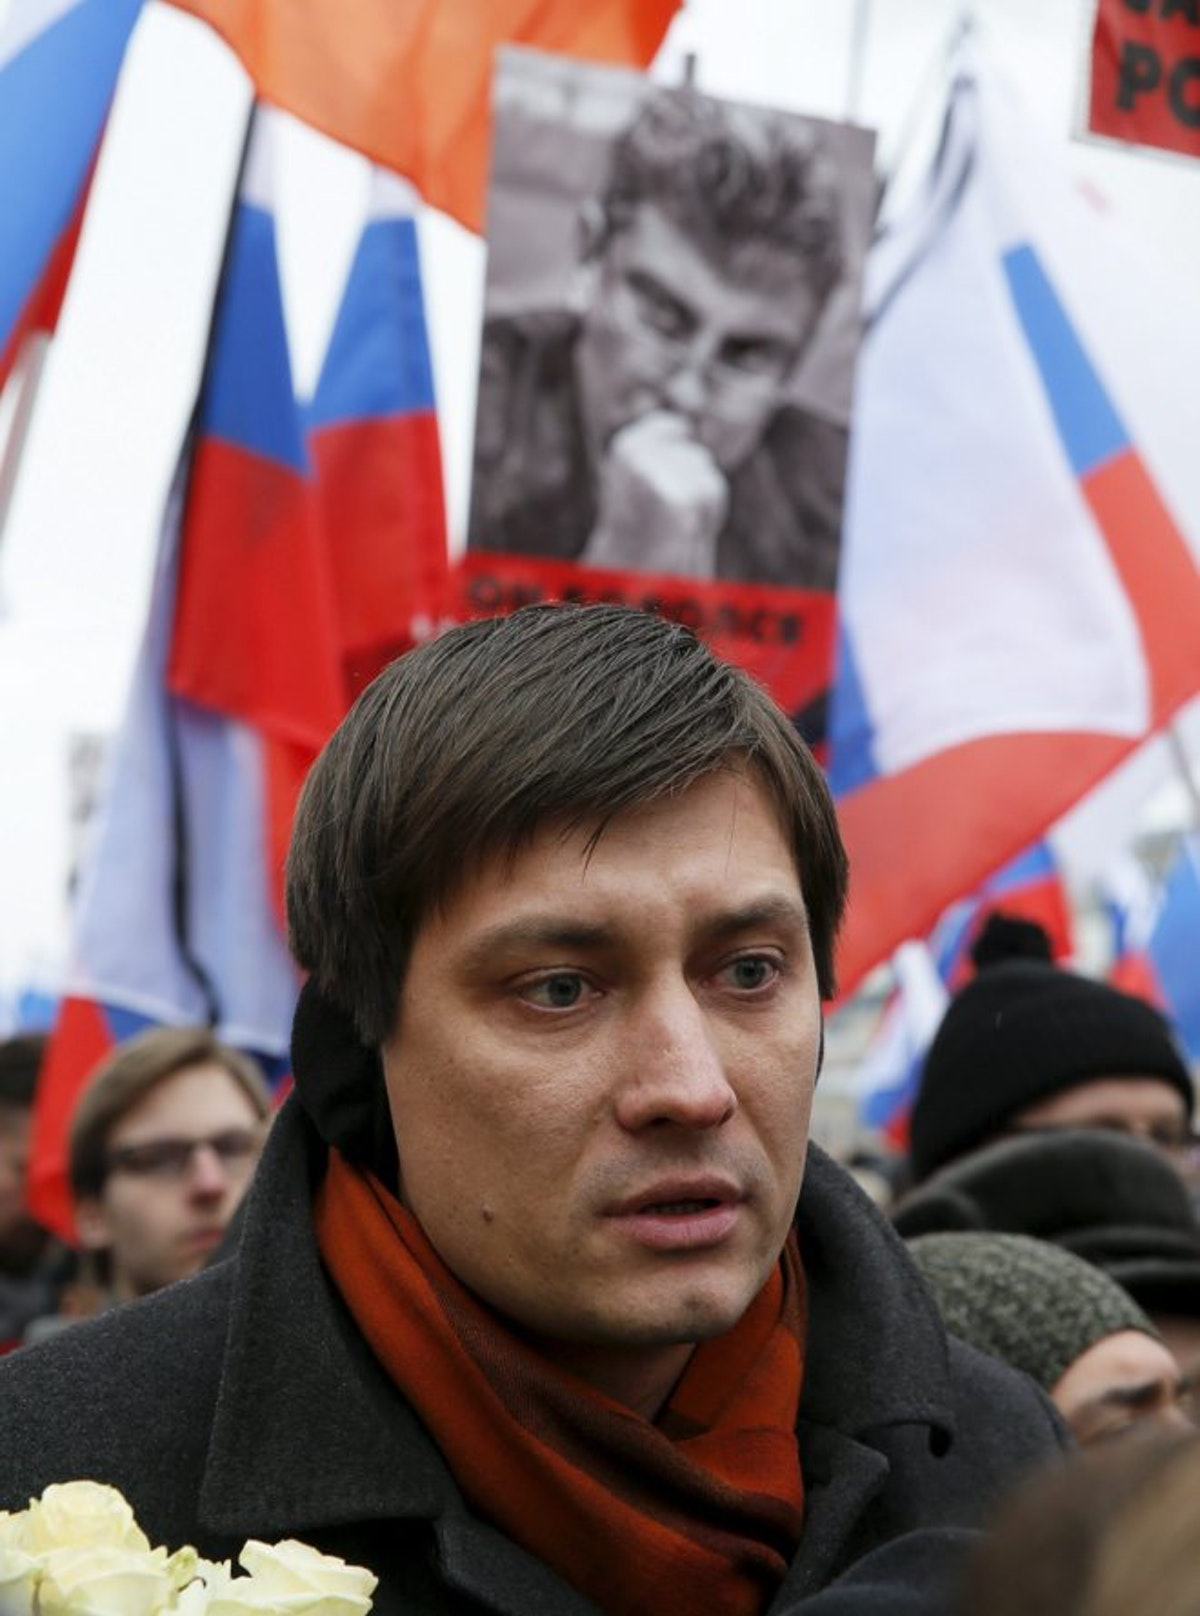 النائب الروسي السابق ديمتري غودكوف - Twitter/@CrowdENews